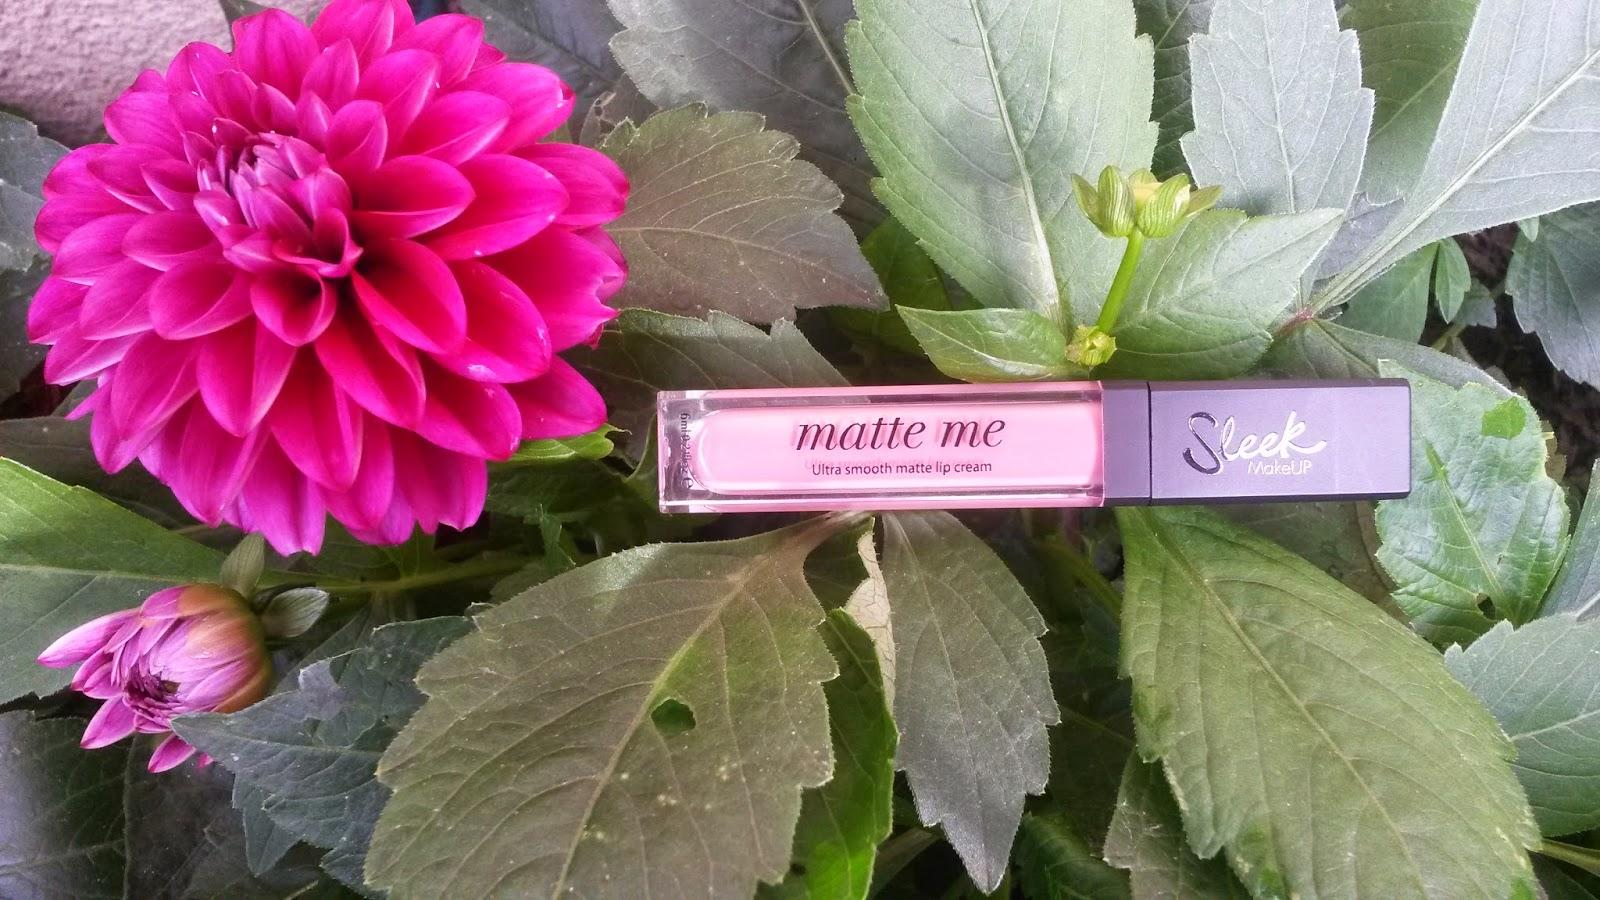 Matte me sleek petal